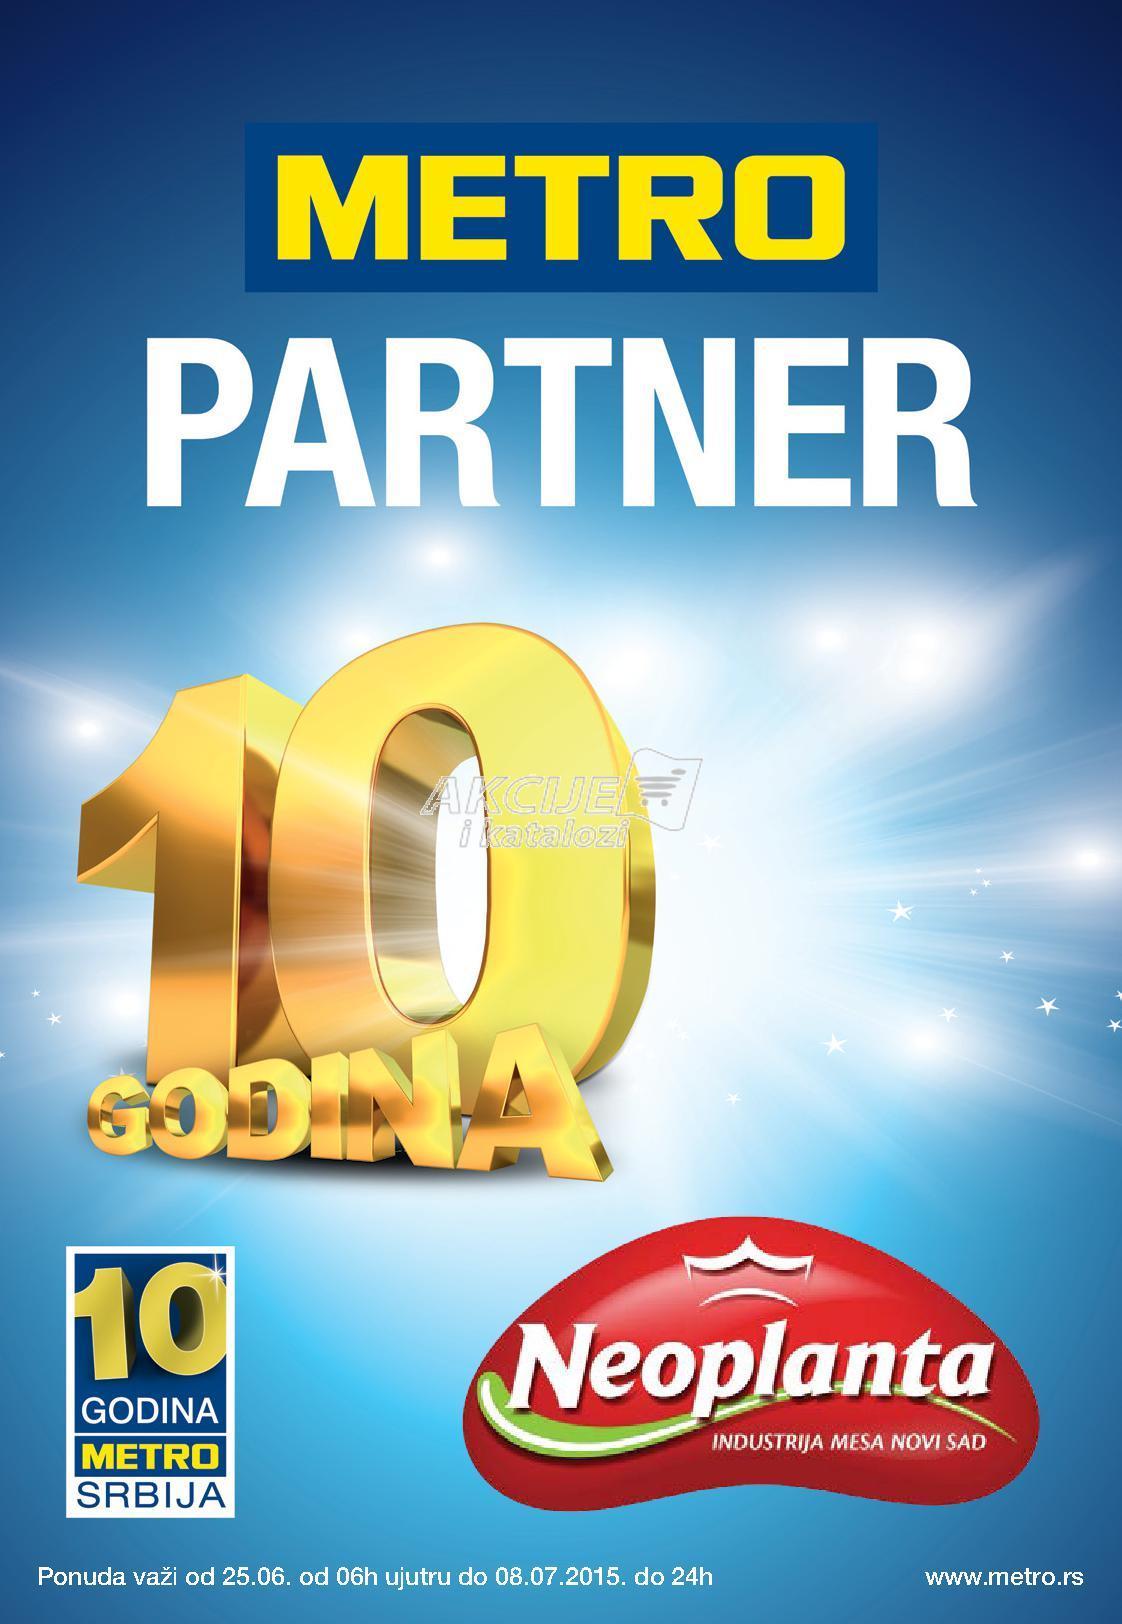 Metro akcija ponuda Neoplanta proizvoda